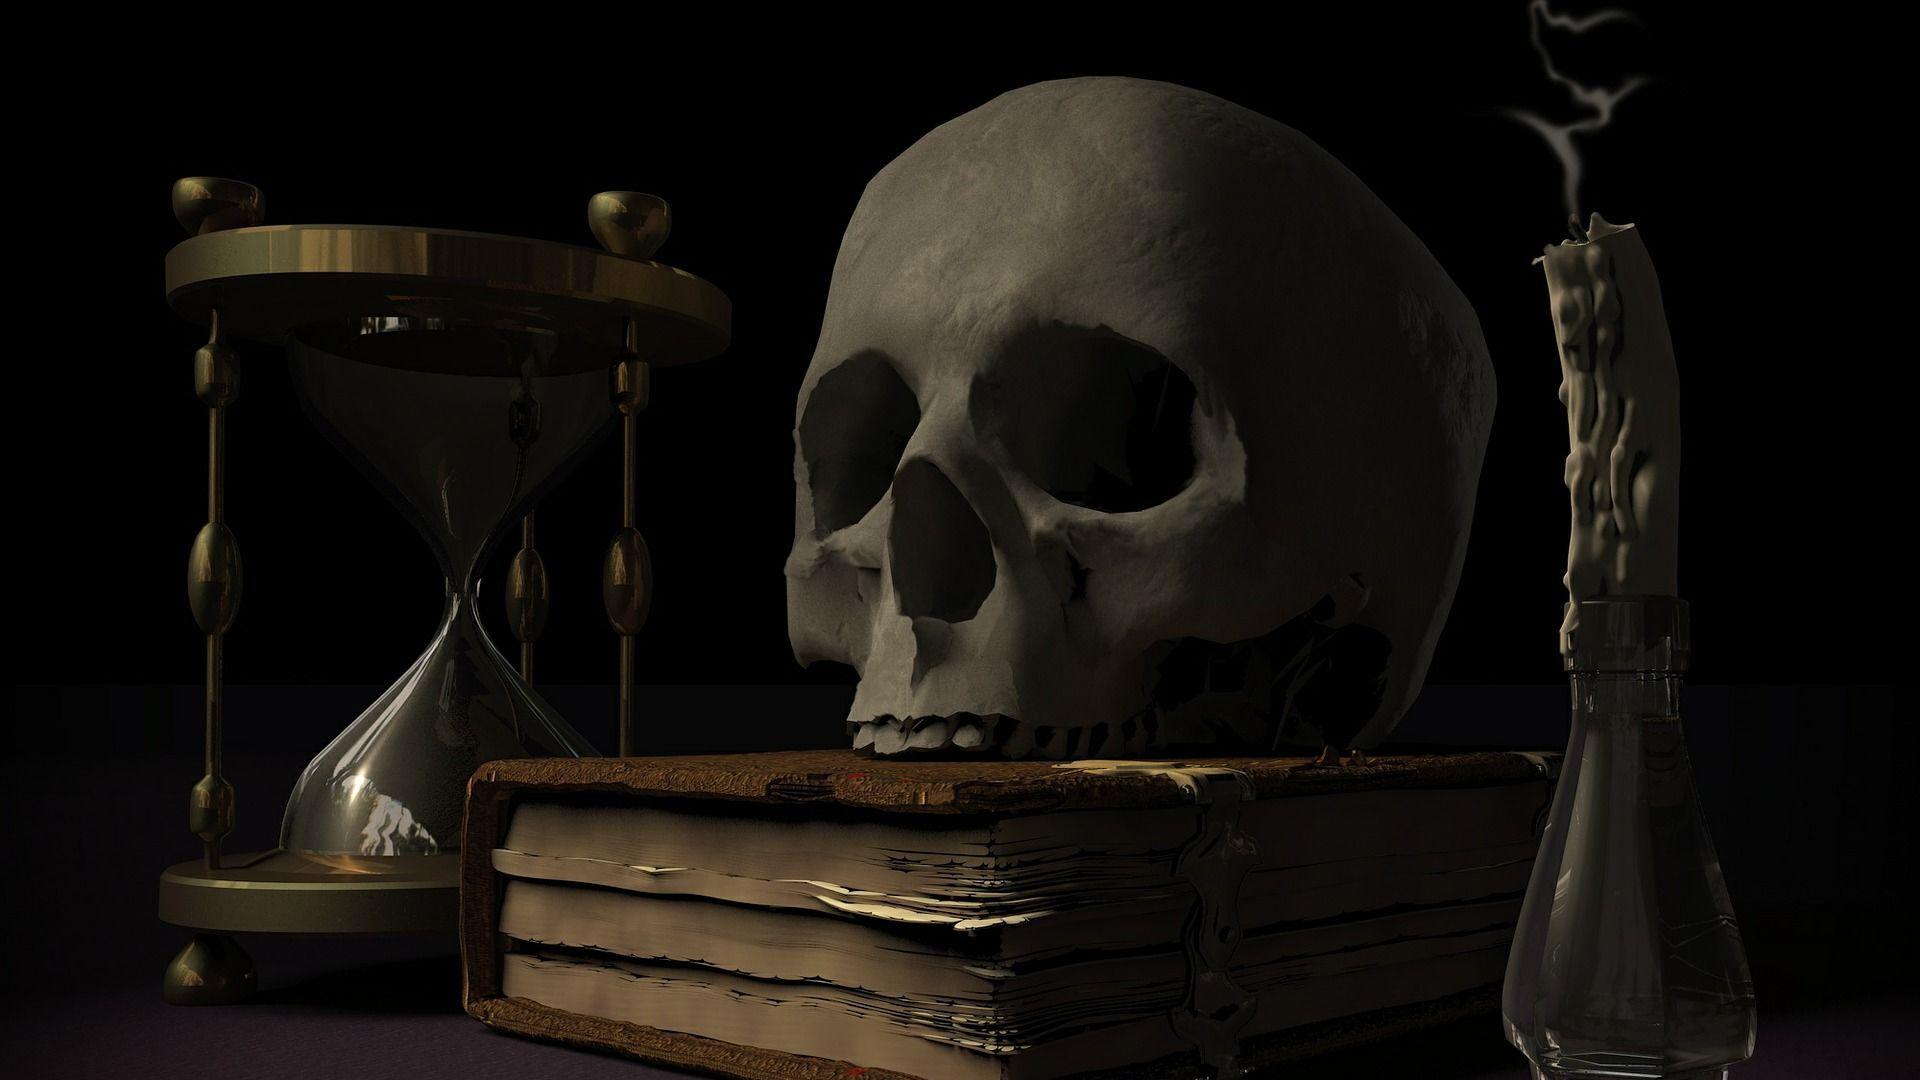 თავის ქალა, ქვიშის საათი და მისტიკური წიგნები  - Sputnik საქართველო, 1920, 27.08.2021